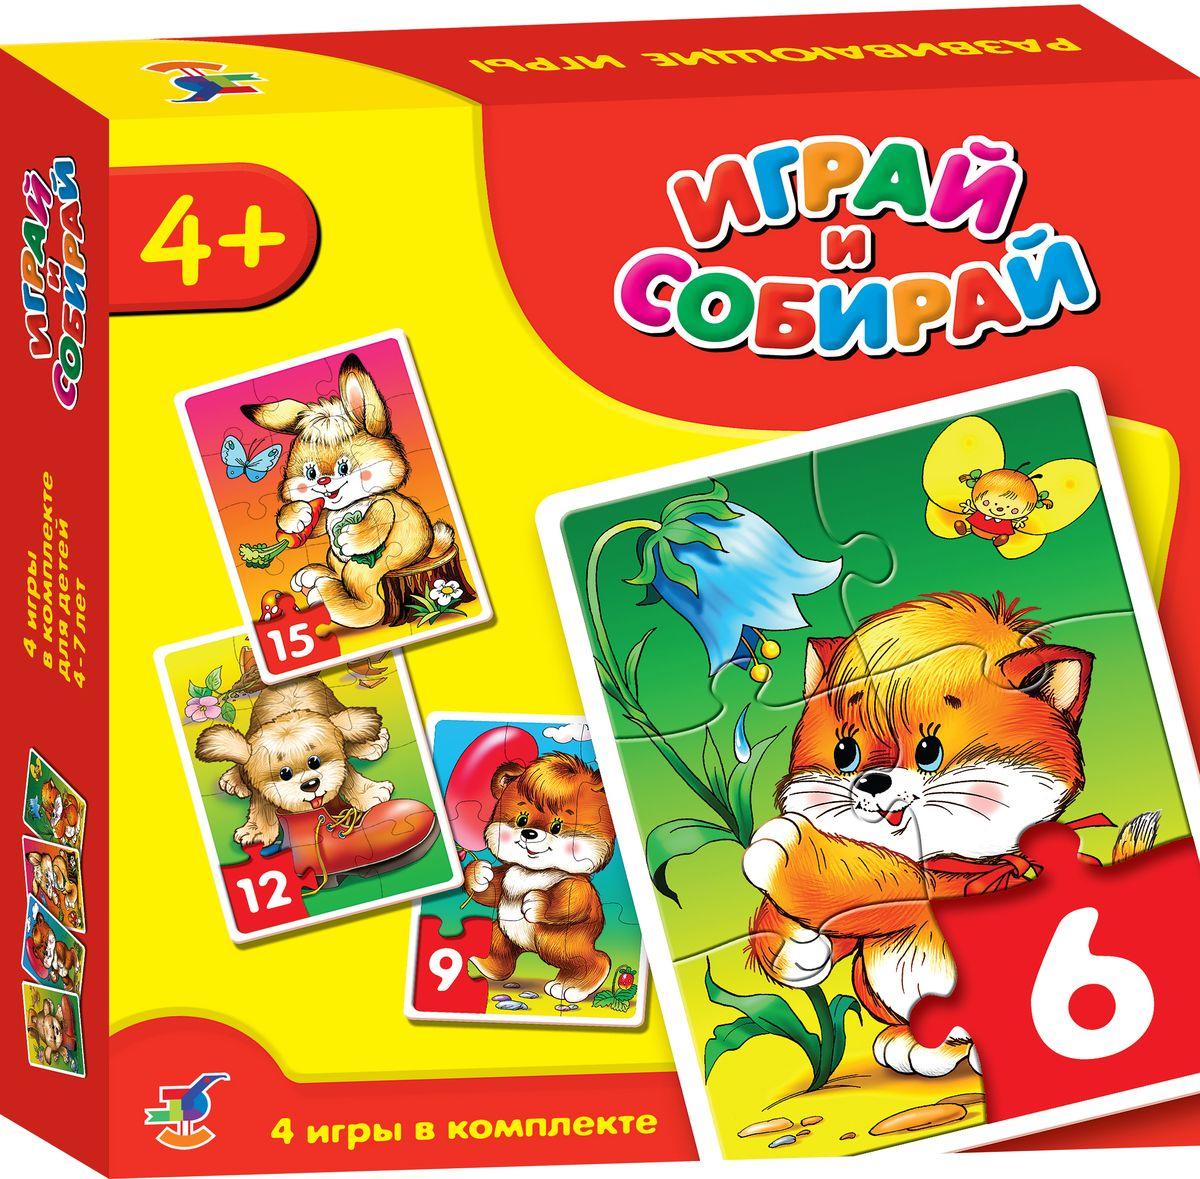 Дрофа-Медиа Пазл для малышей Играй и собирай 4 в 1 29382938Пазл для малышей Дрофа-Медиа Играй и собирай прекрасно подходит для первого знакомства малыша с мозаикой, способствует формированию навыка соединения целого изображения из различных элементов. Набор включает в себя четыре пазла, один из которых состоит из 6 элементов, второй - из 9 элементов, третий - из 12 элементов и четвертый - из 15. Собрав все элементы набора, вы получите 4 картинки с изображением различных животных - зайчика, щенка, медвежонка и котенка. Собирание пазла развивает у ребенка мелкую моторику рук, тренирует наблюдательность, логическое мышление, знакомит с окружающим миром, с цветом и разнообразными формами, учит усидчивости и терпению, аккуратности и вниманию.